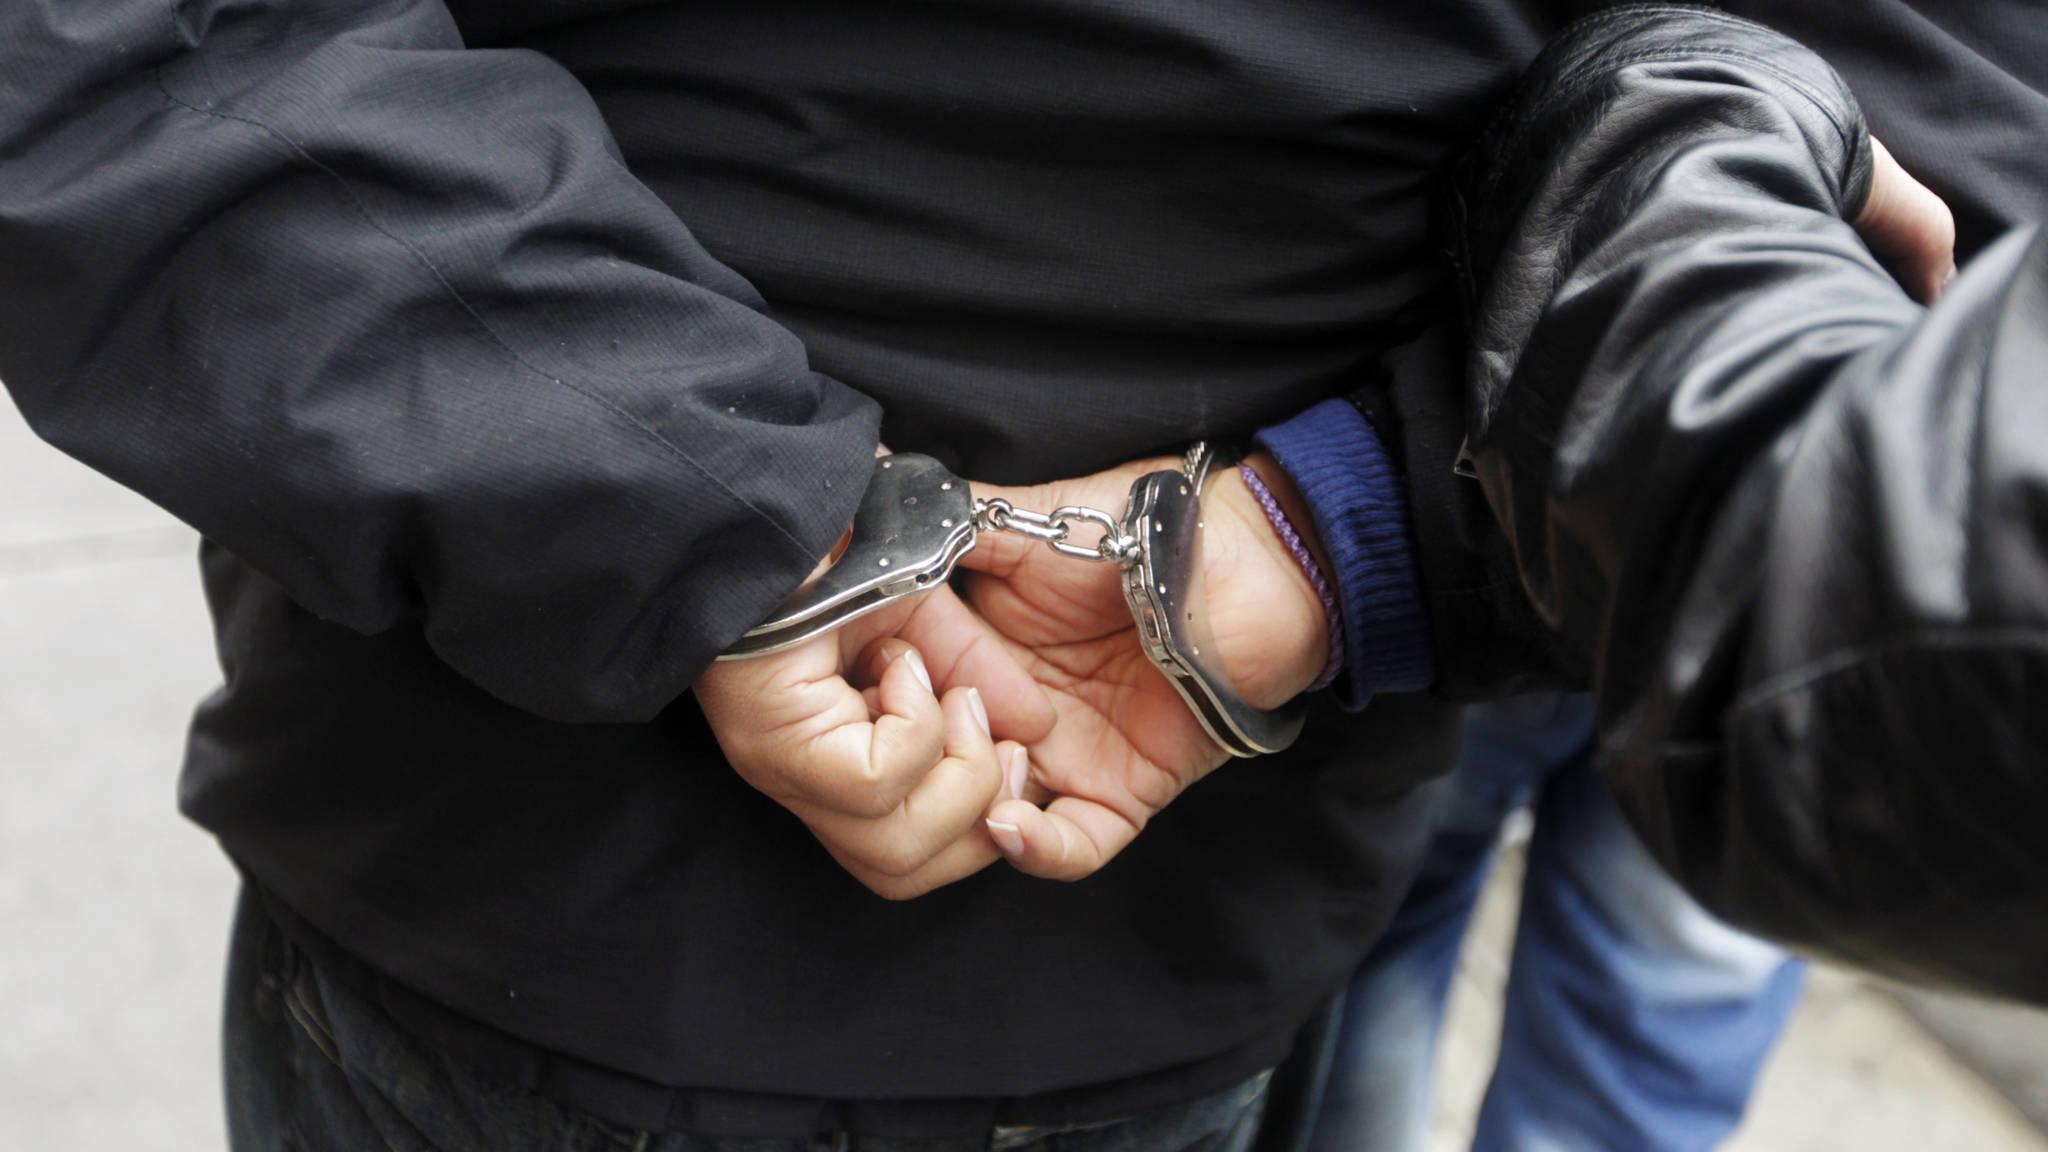 Несколько лет колонии грозит 47-летнему наркоману из Тверской области